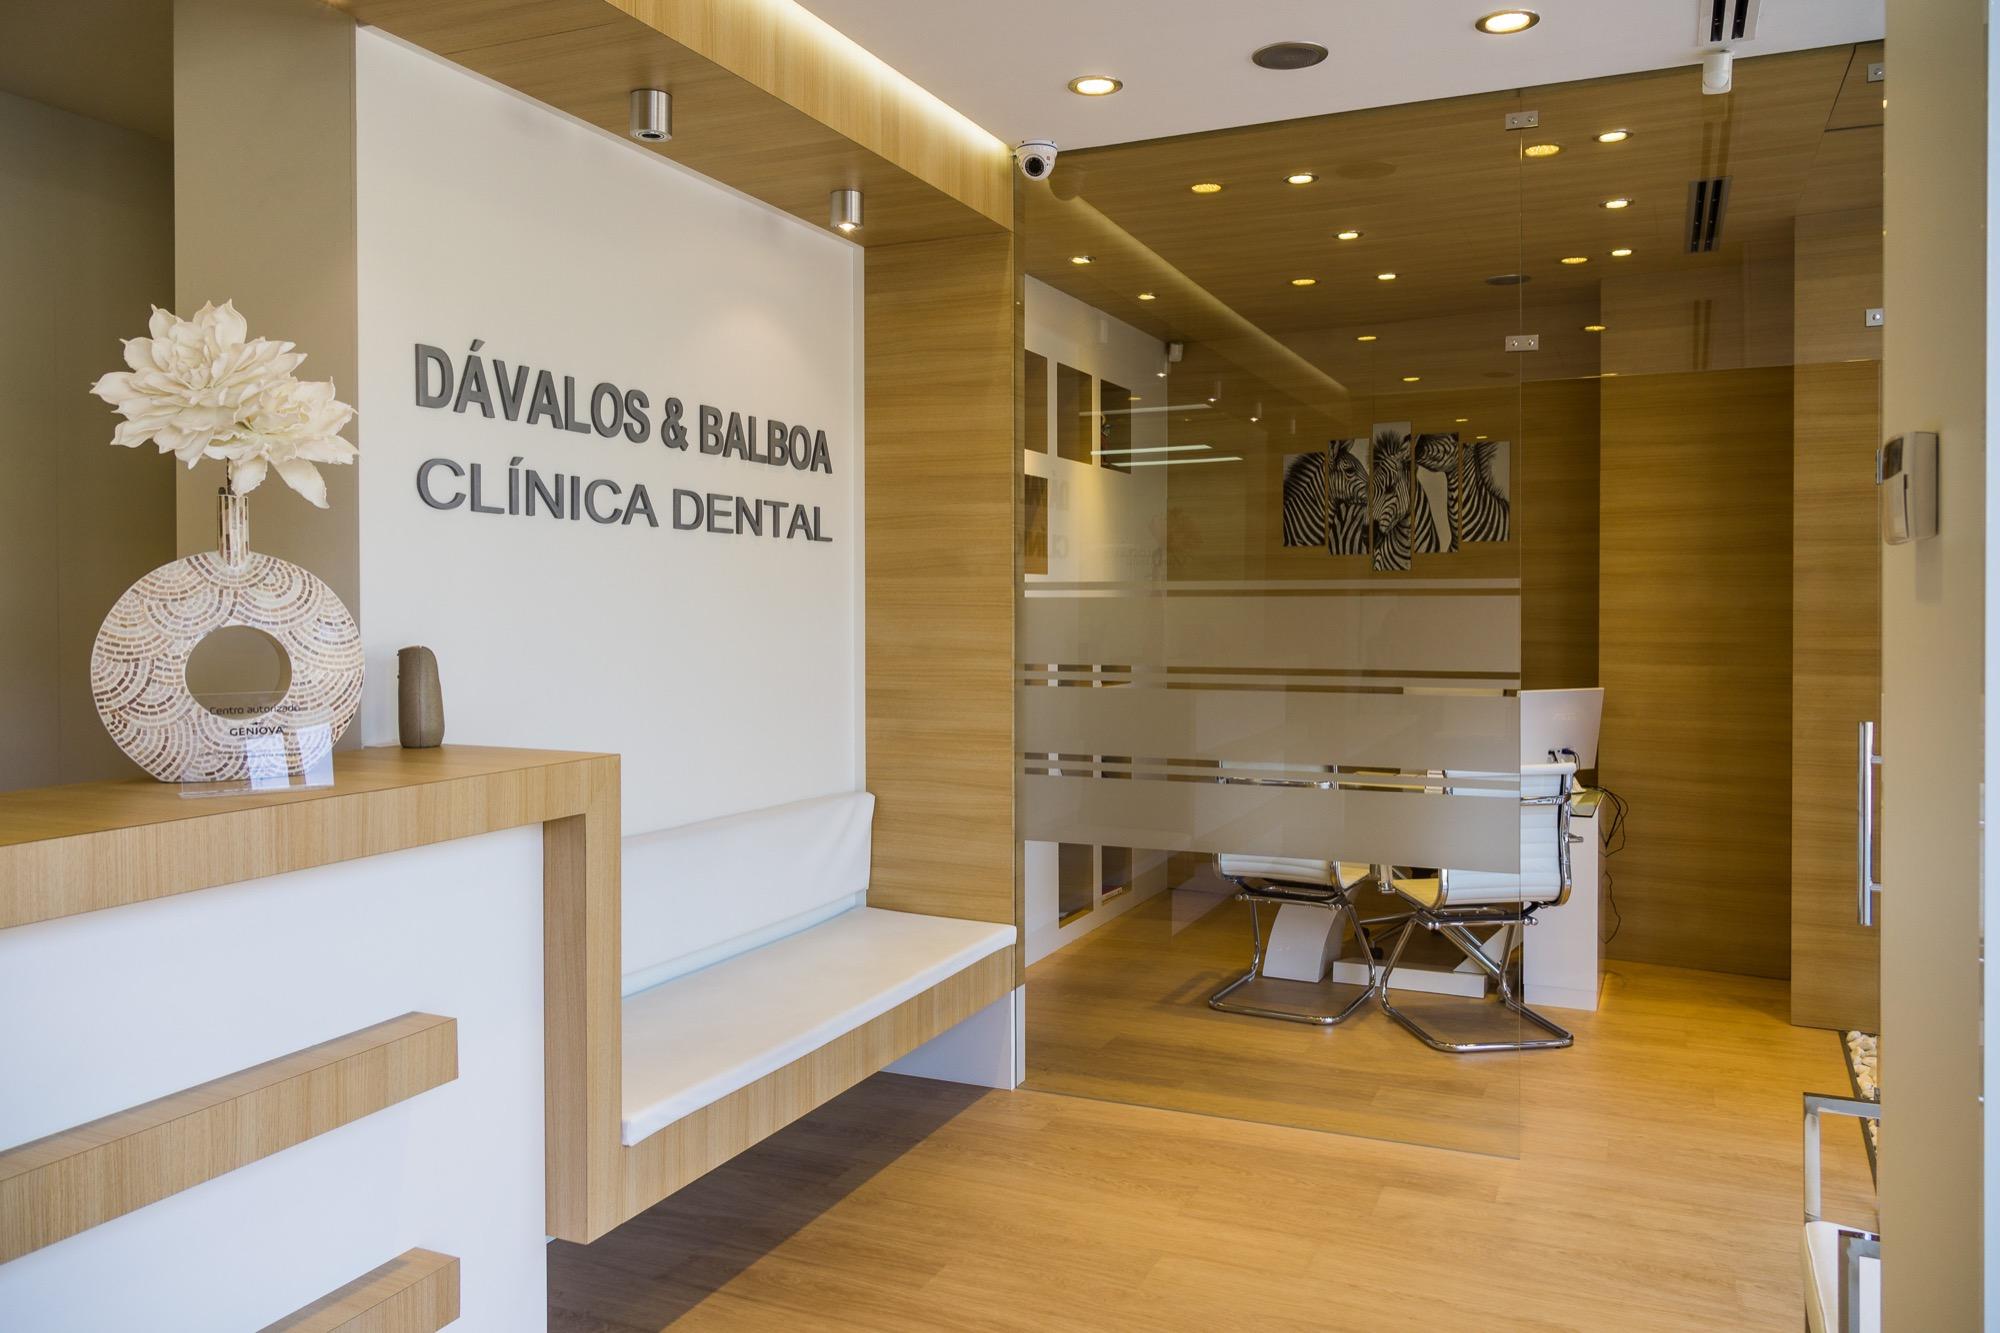 Clinica dental en murcia centro d valos y balboa - Clinica dental moderna ...